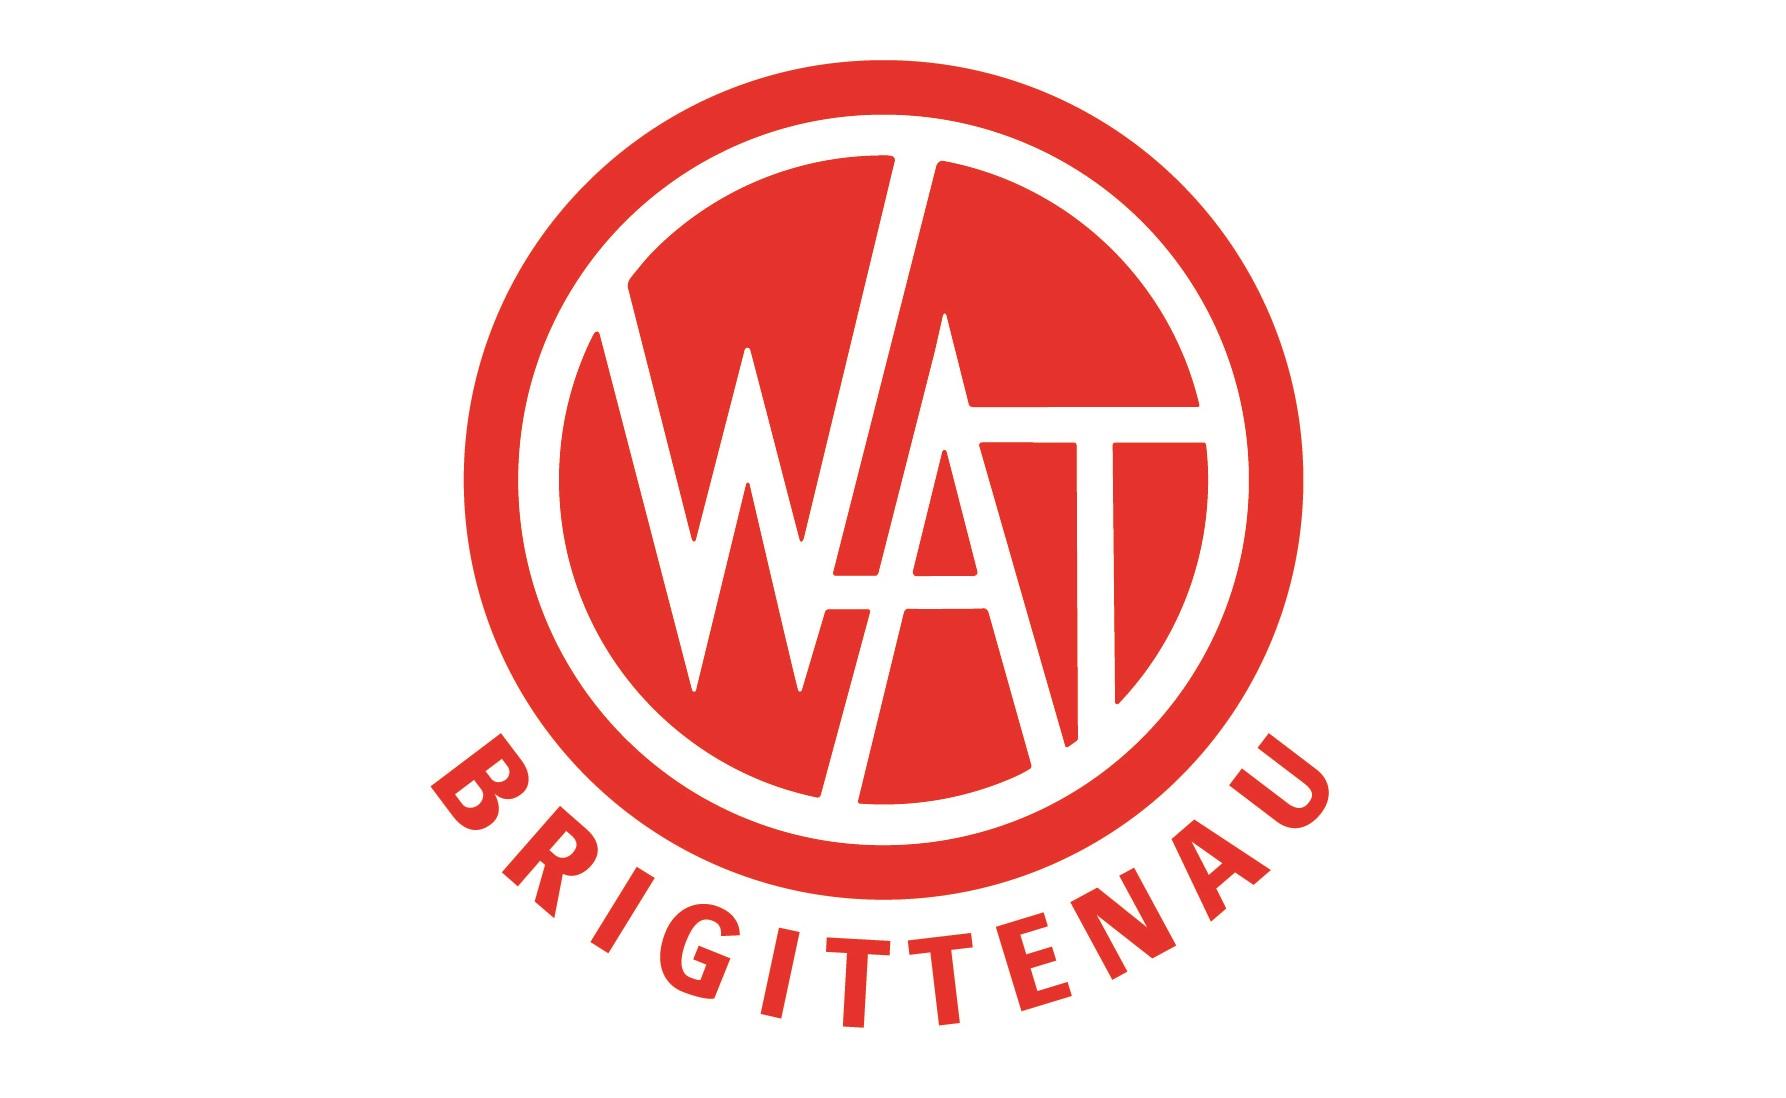 WAT_Brigittenau_Pfade_2c - quer für TNS Website